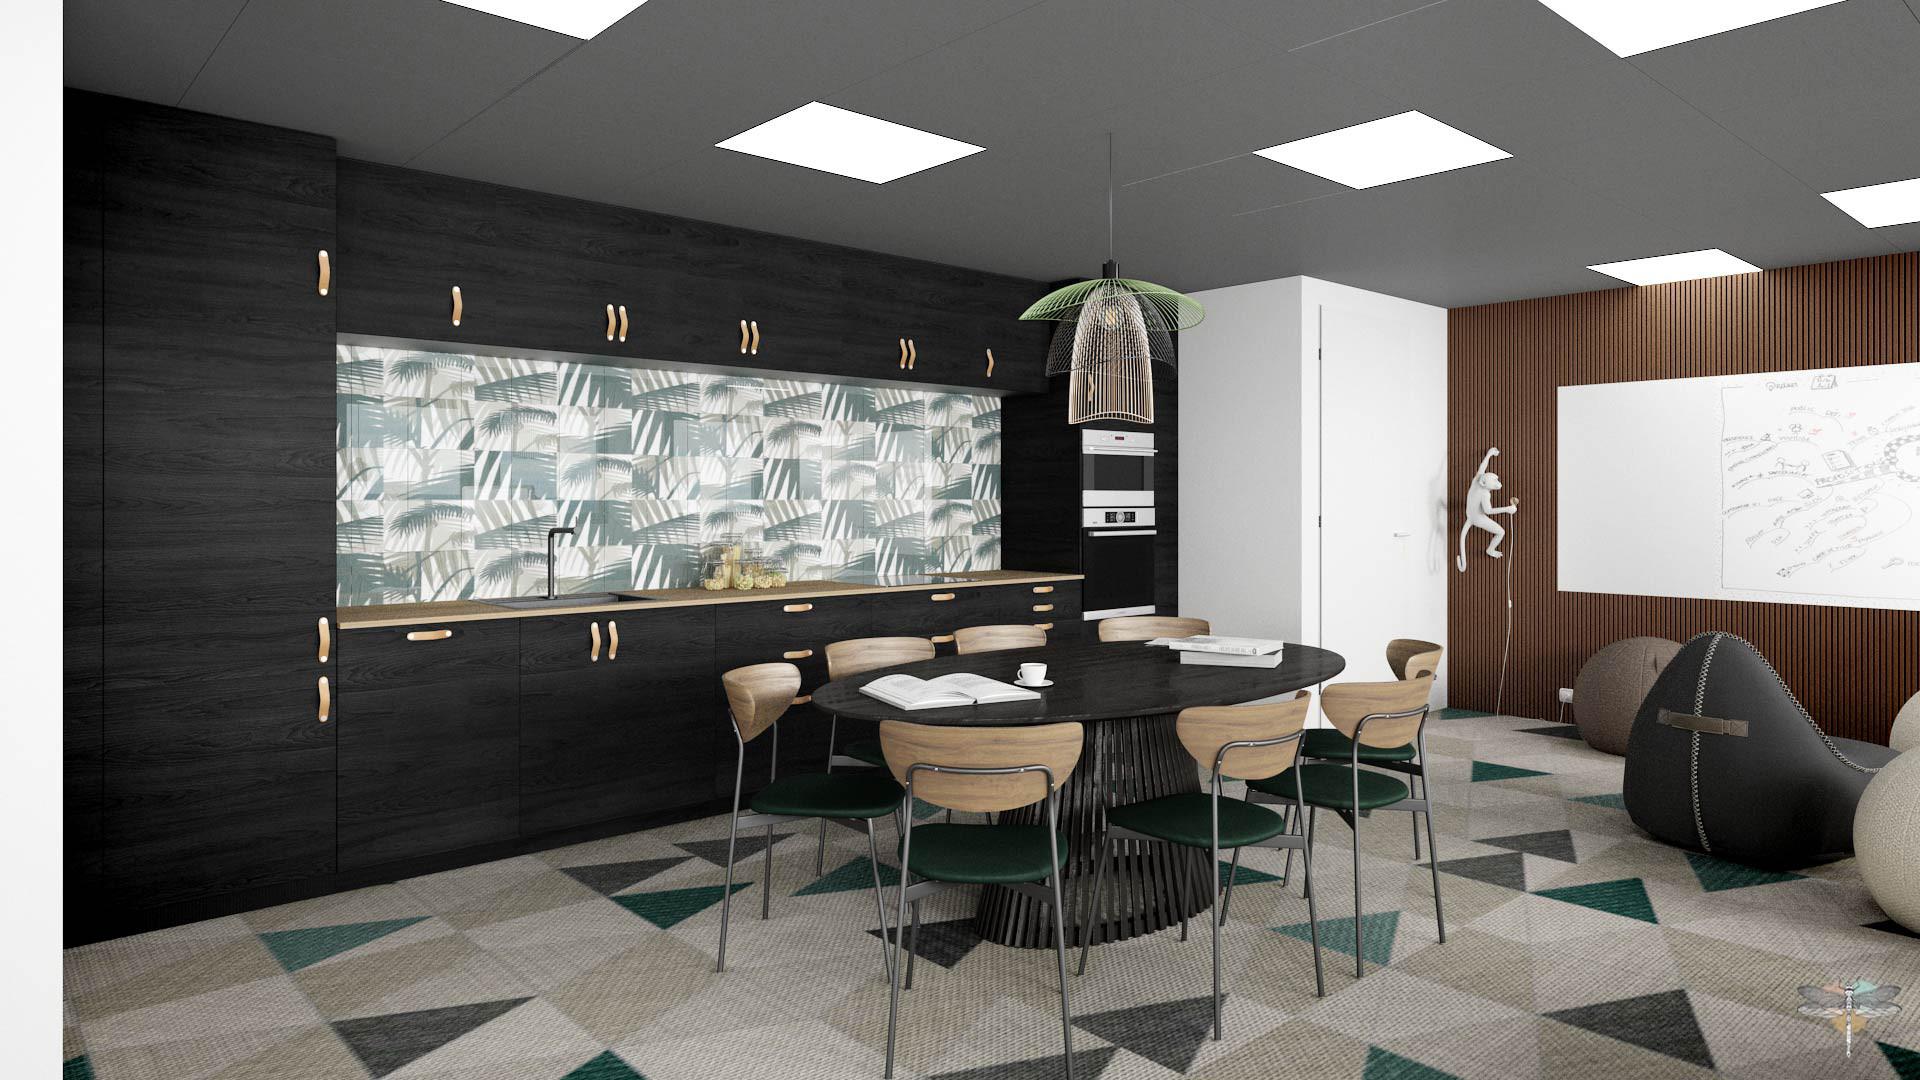 Aménagement et décoration d'un espace de bureaux professionnels à Lille par Carnets Libellule. Coralie Vasseur est votre architecte d'intérieur UFDI à Compiegne : cuisine conviviale ouverte sur espace de formation et coworking, esprit jungle moderne pour workspace professionnel